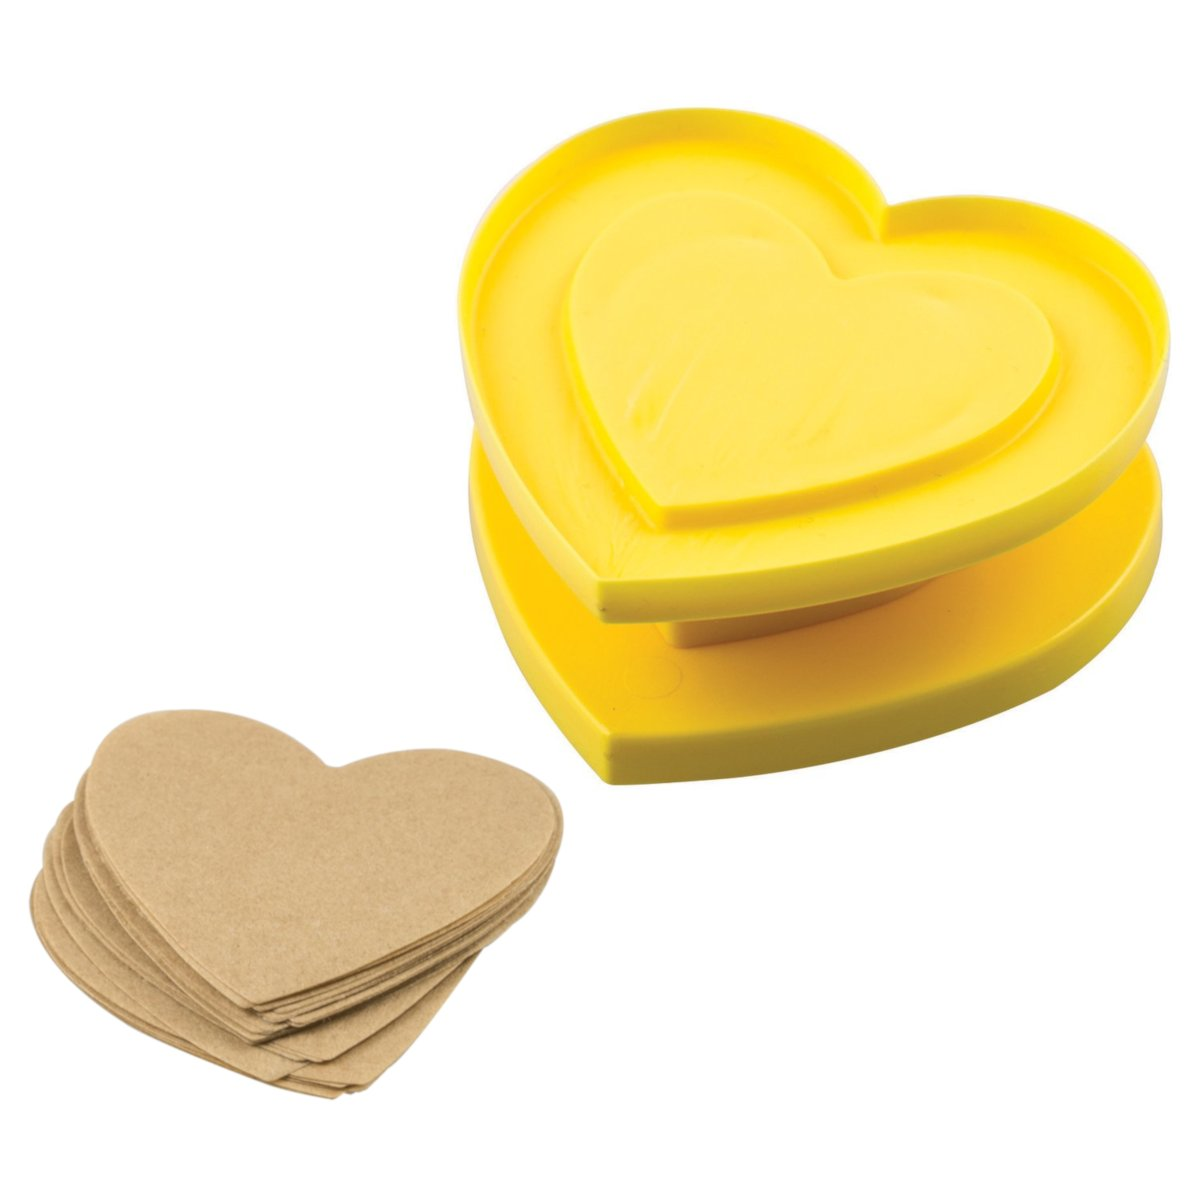 Κιτ για μπισκότα Siilikomart For You Heart